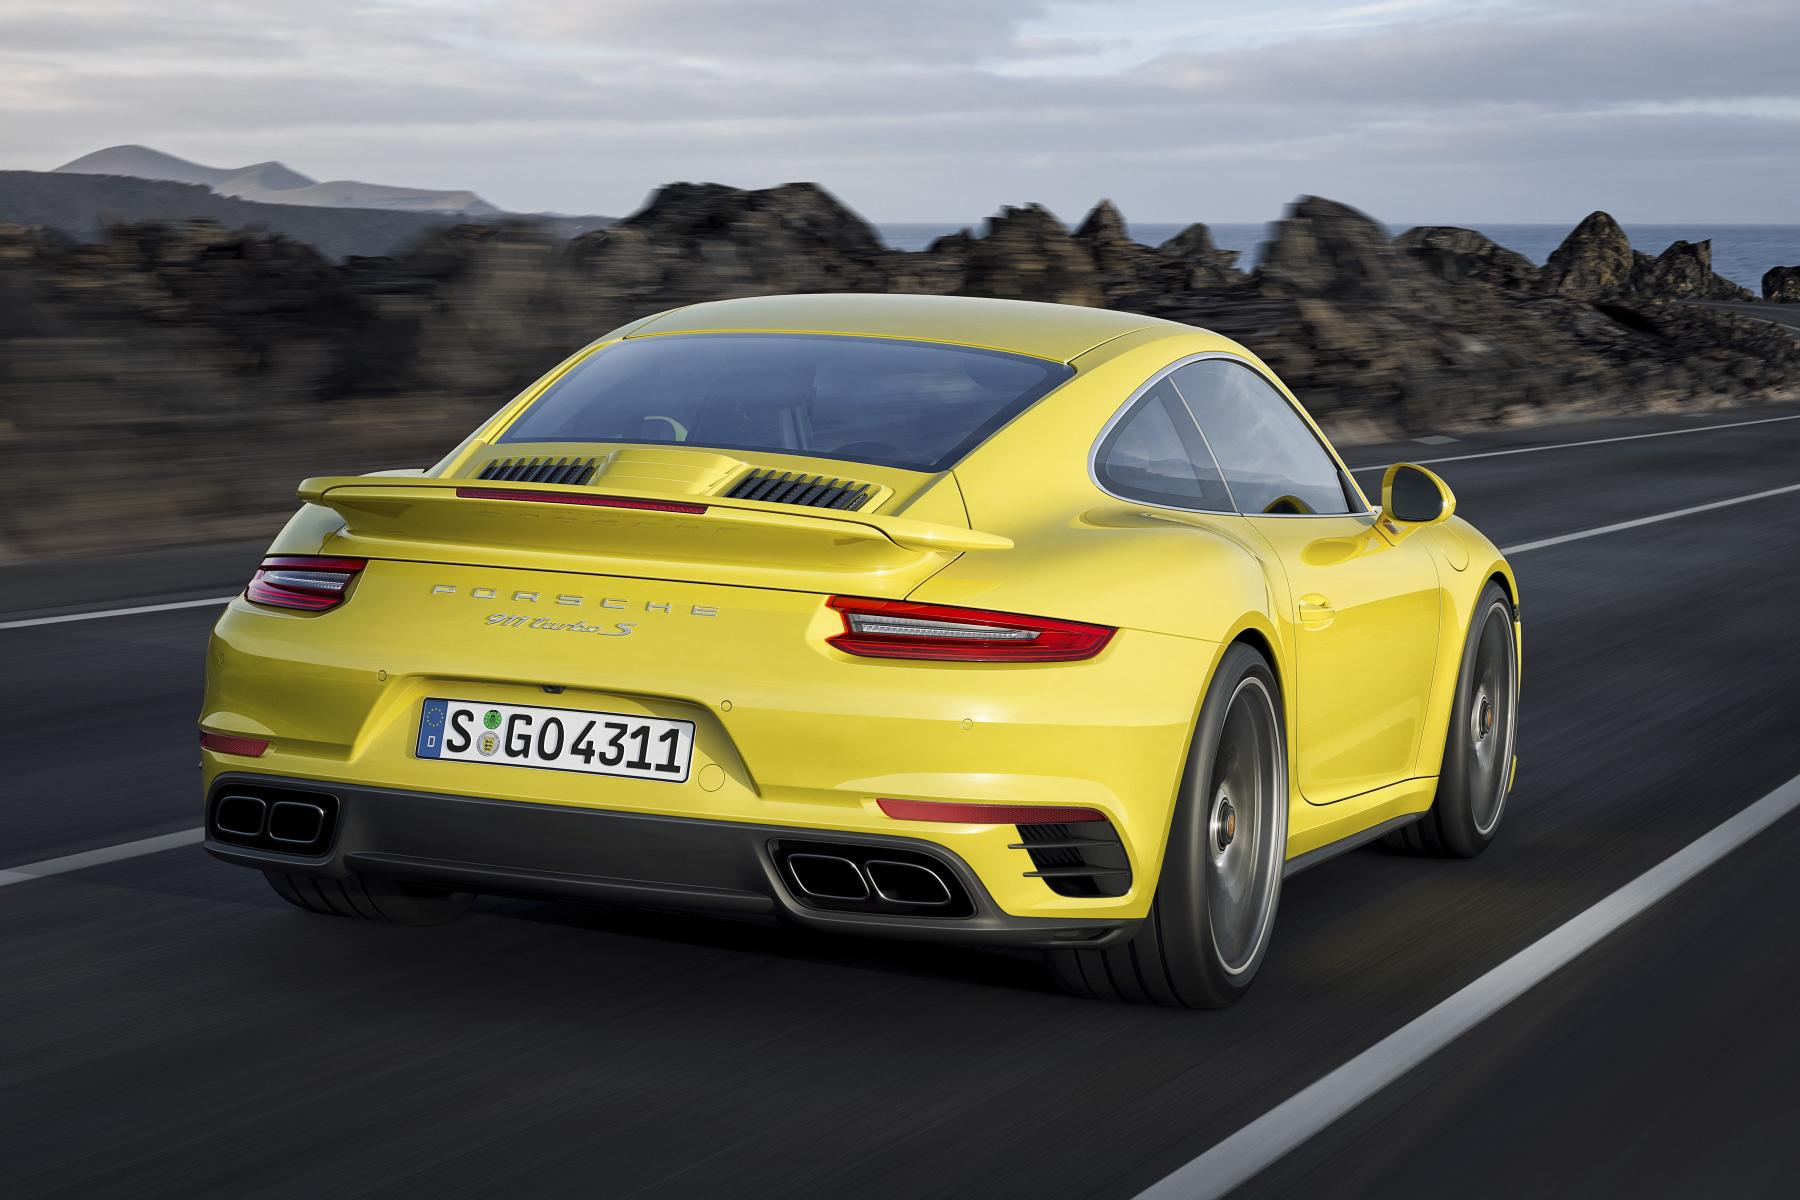 Nuova Porsche 911 Turbo e 911 Turbo S ecco i prezzi 8